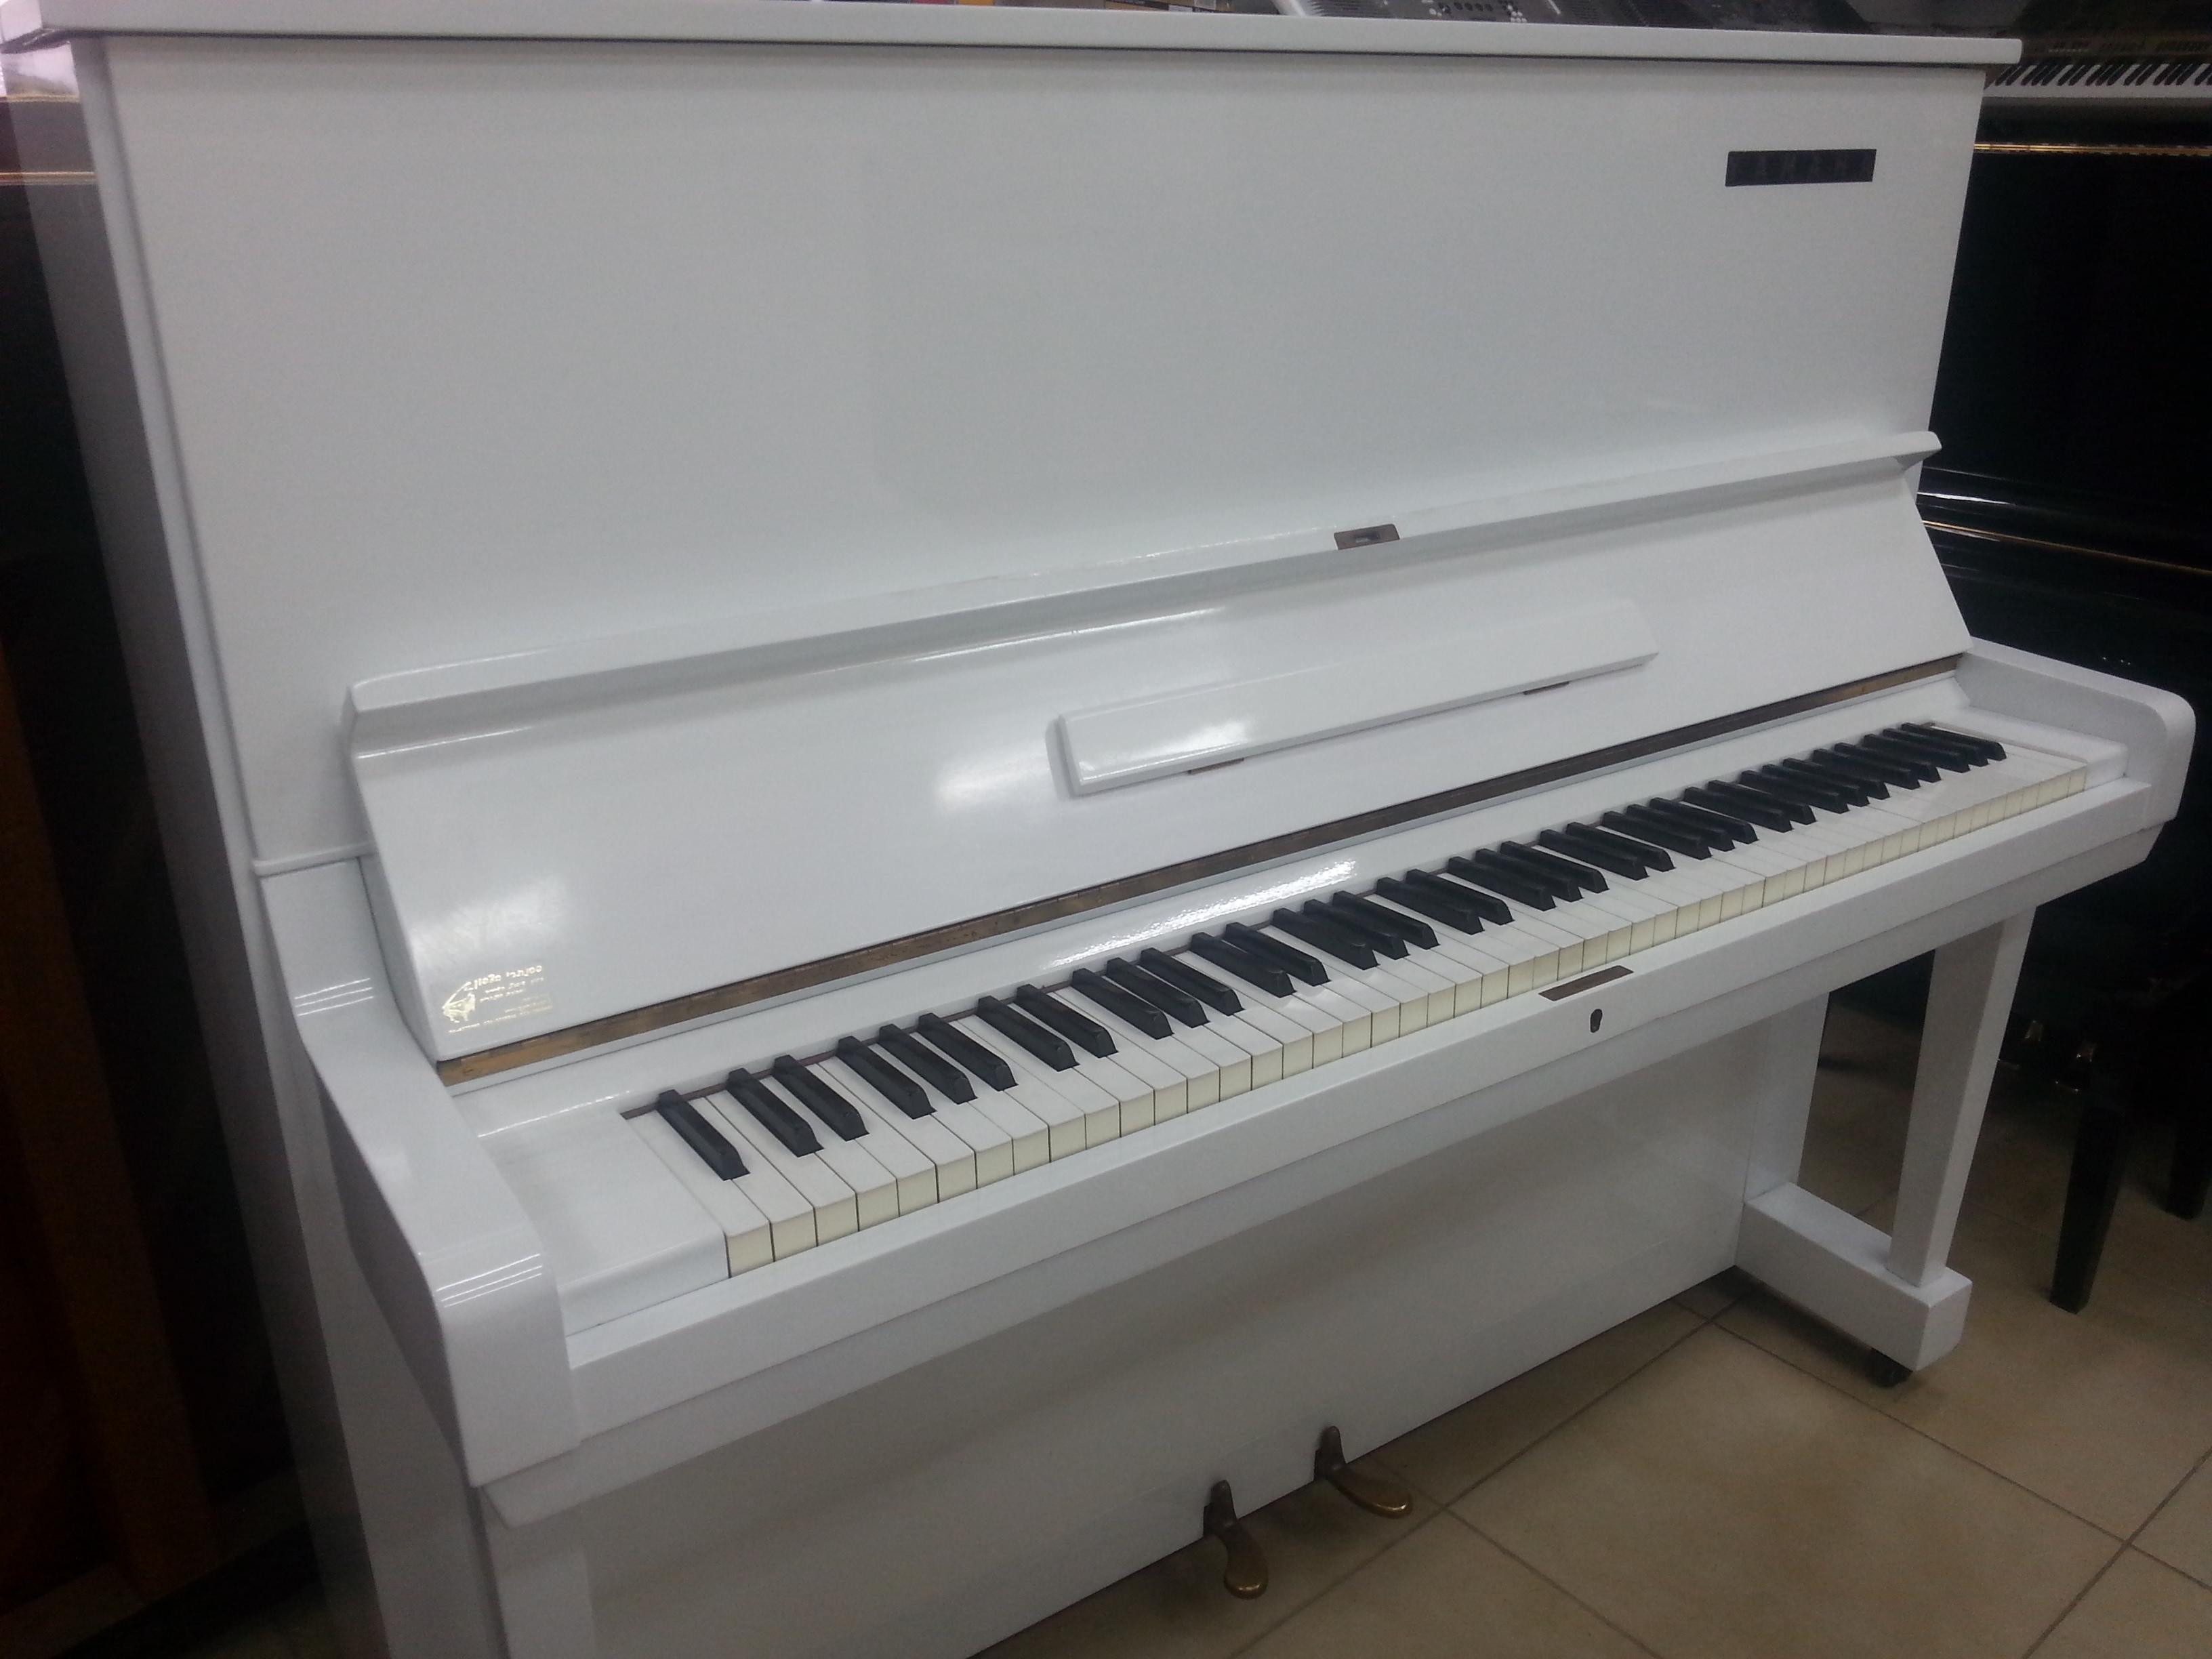 מפואר YAMAHA U3 יד שניה, פסנתר לבן, במצב כמו חדש - פסנתרי הצפון OM-18